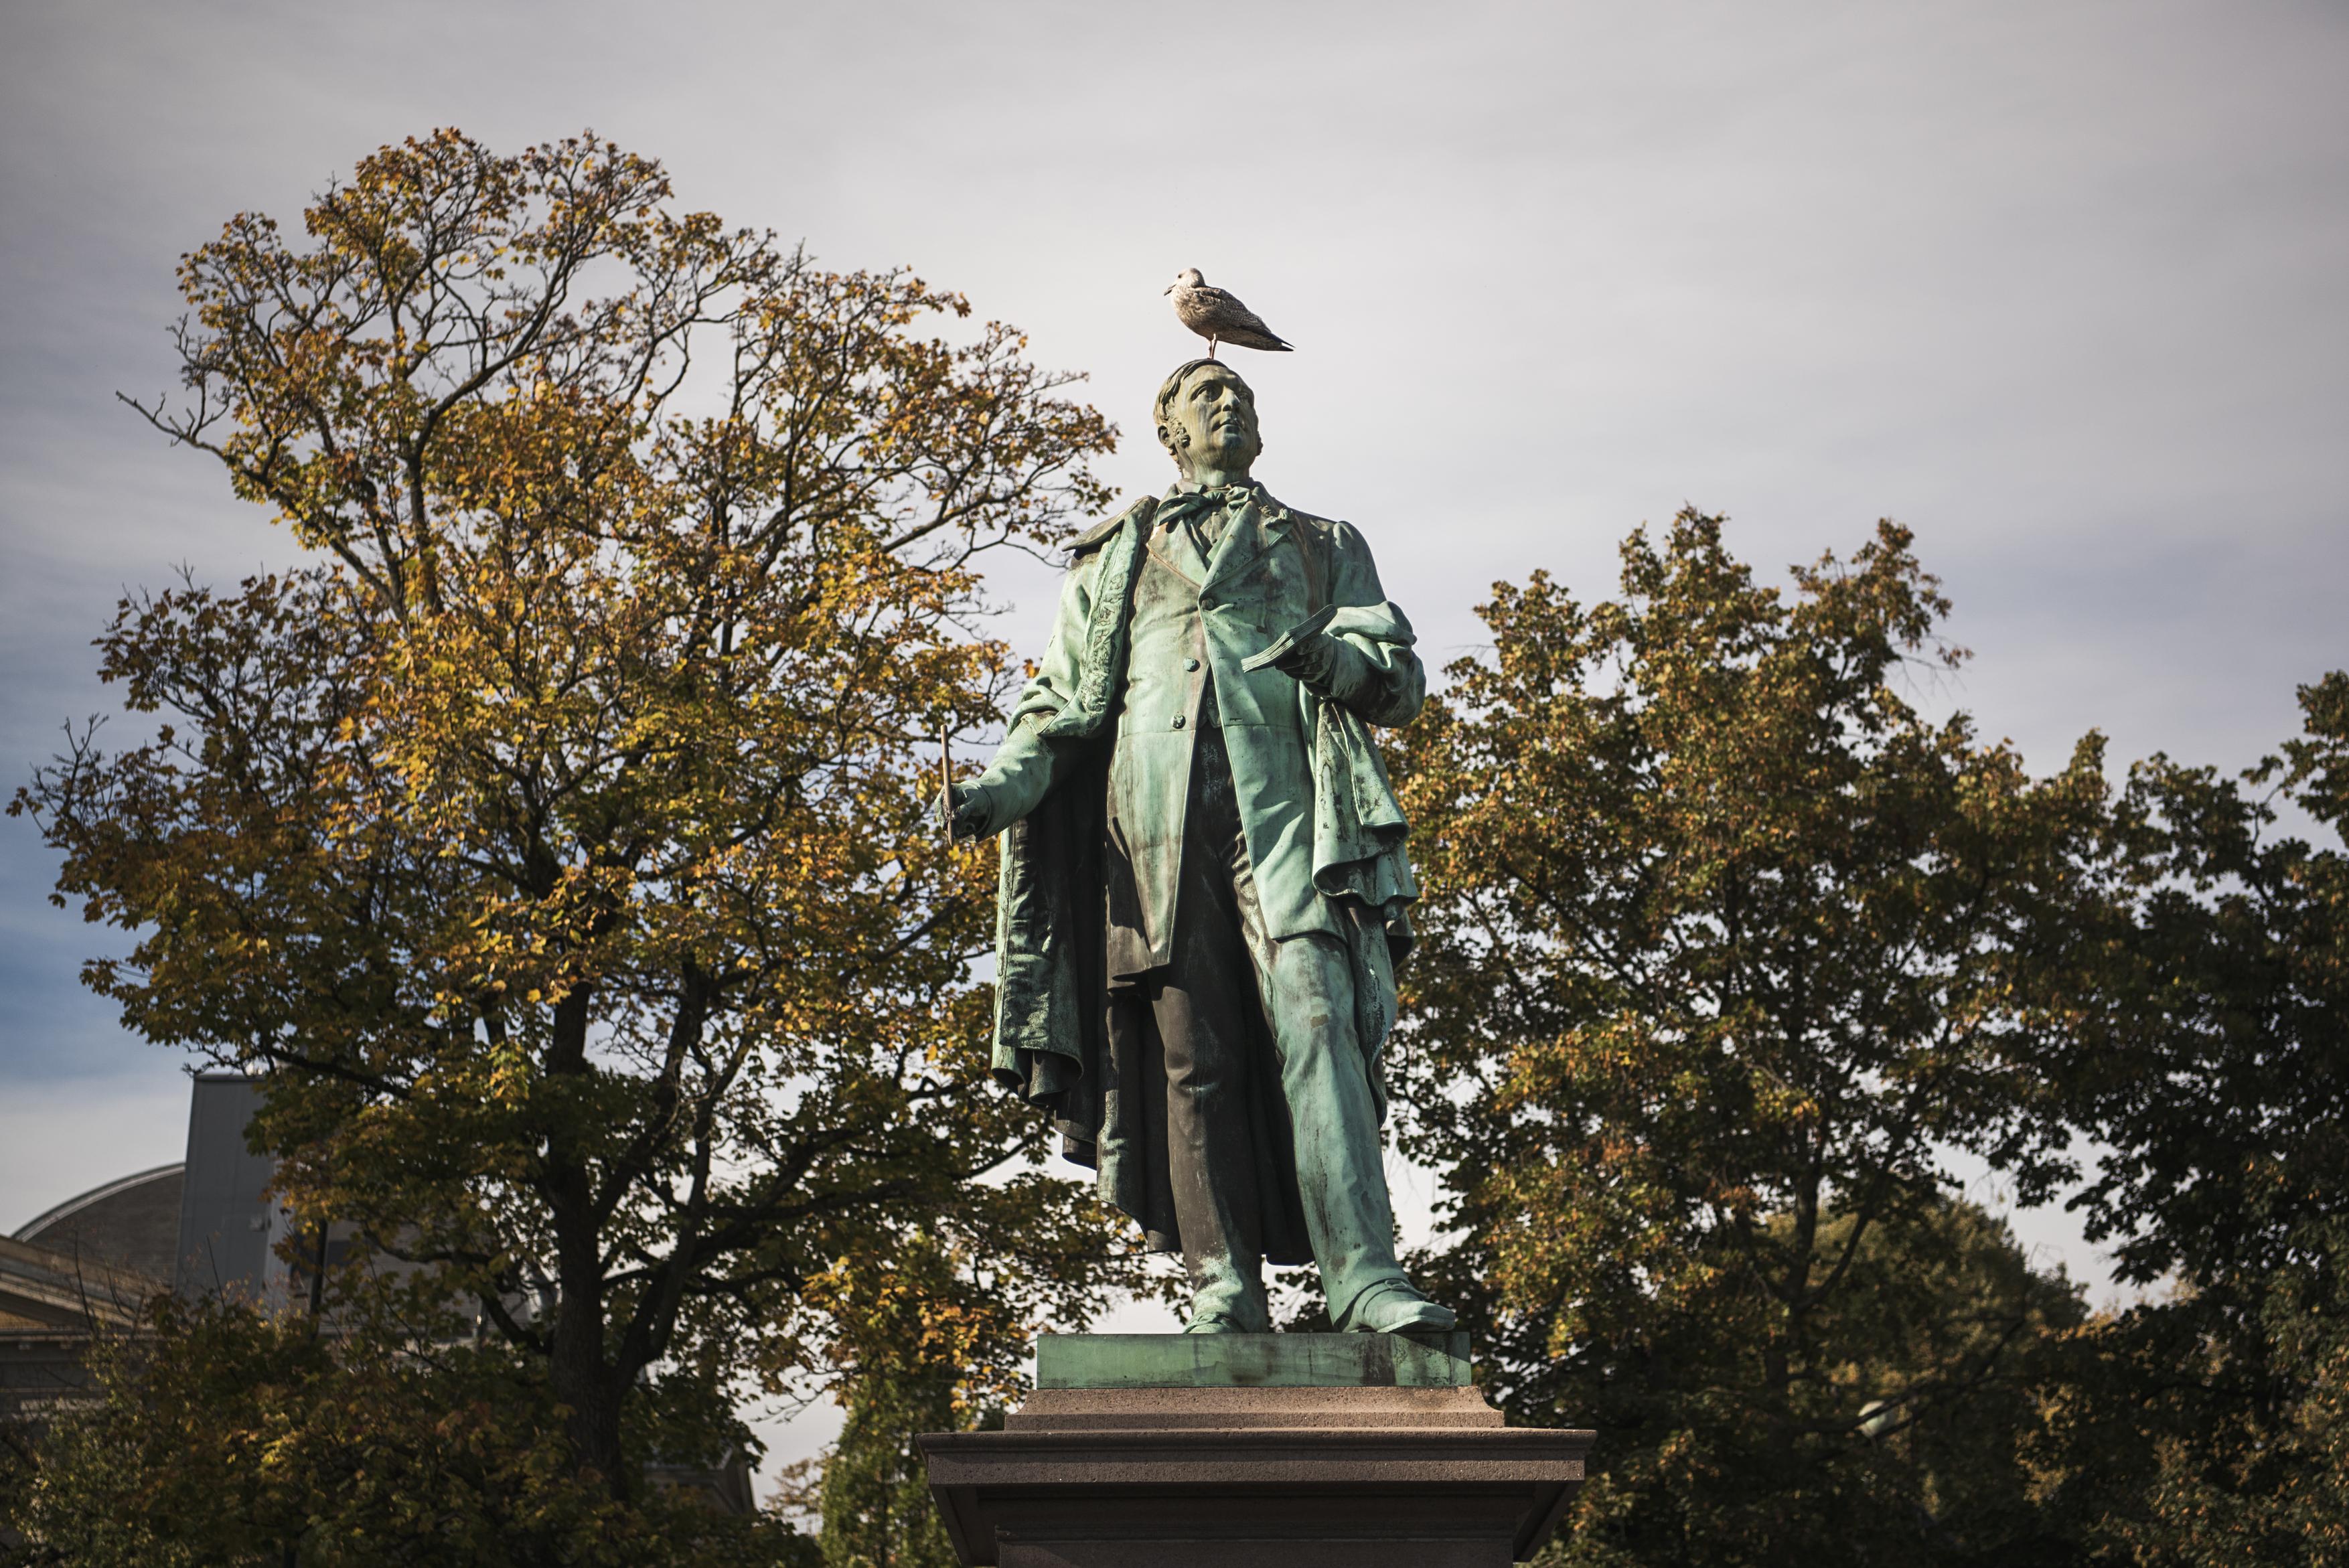 Billedhugger_Brynjulf_Bergsliens_statue_av_Henrik_Wergeland_i_Spikersuppa_Voice_Of_Norway_Lydguide_Reiseguide_Turistguide_Audioguide_Oslo